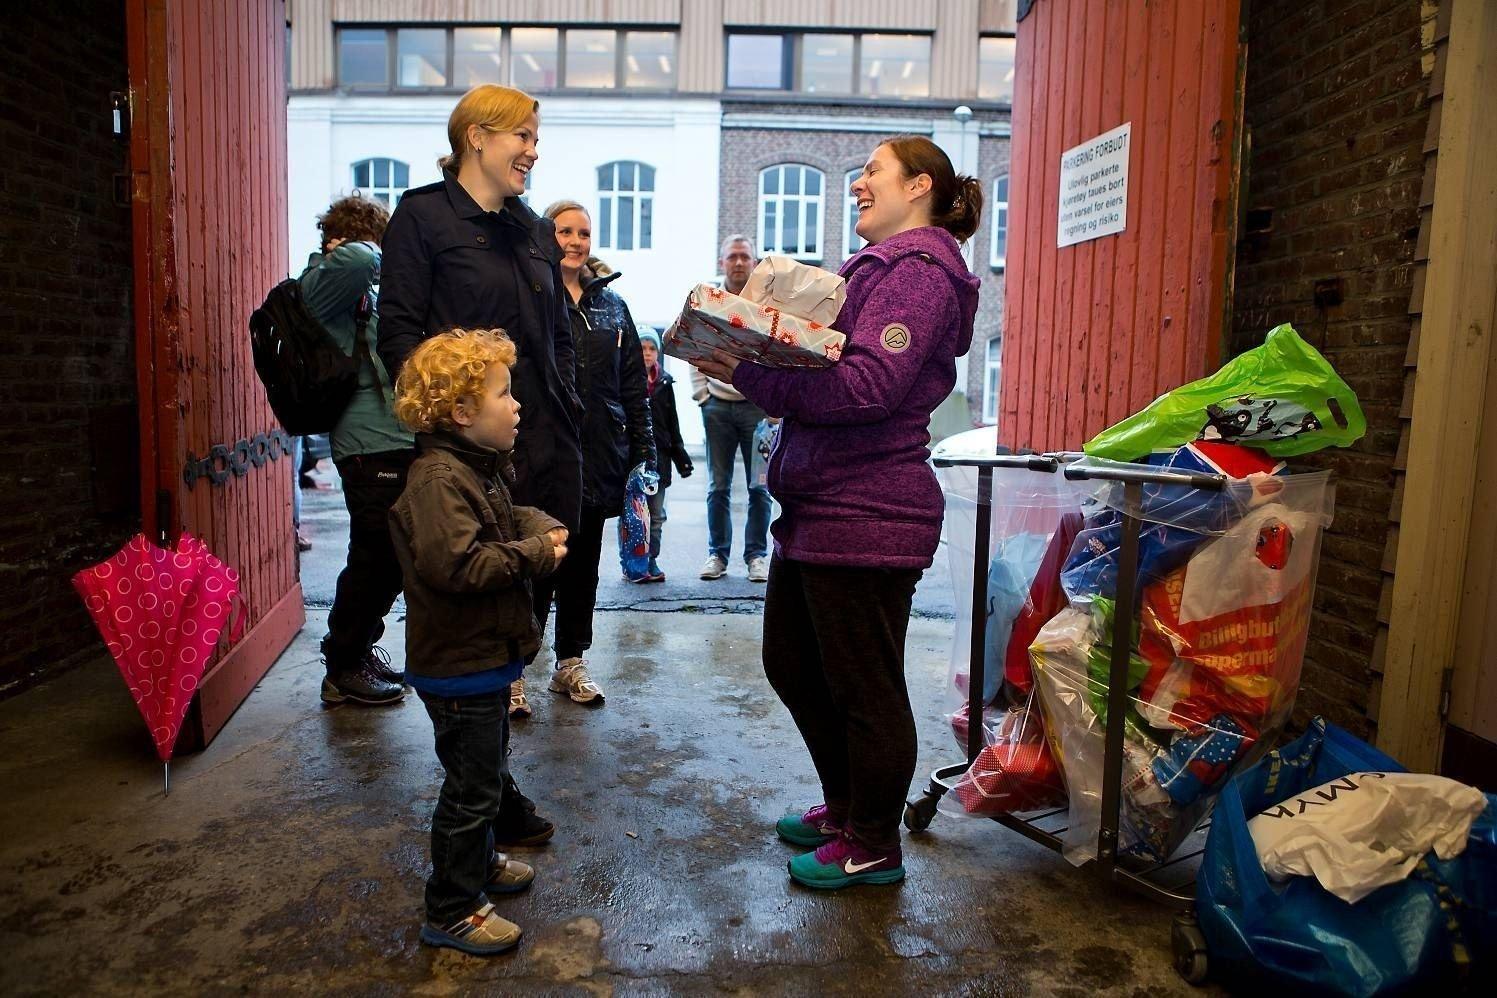 SAMLER INN: Kristin Kongsbakk og sønnen Markus (4) hadde med seg gaver til juledugnaden «God, jul lille venn» i Bergen søndag formiddag. Initiativtaker Maria Isabel Molina (37) er rørt over givergleden.